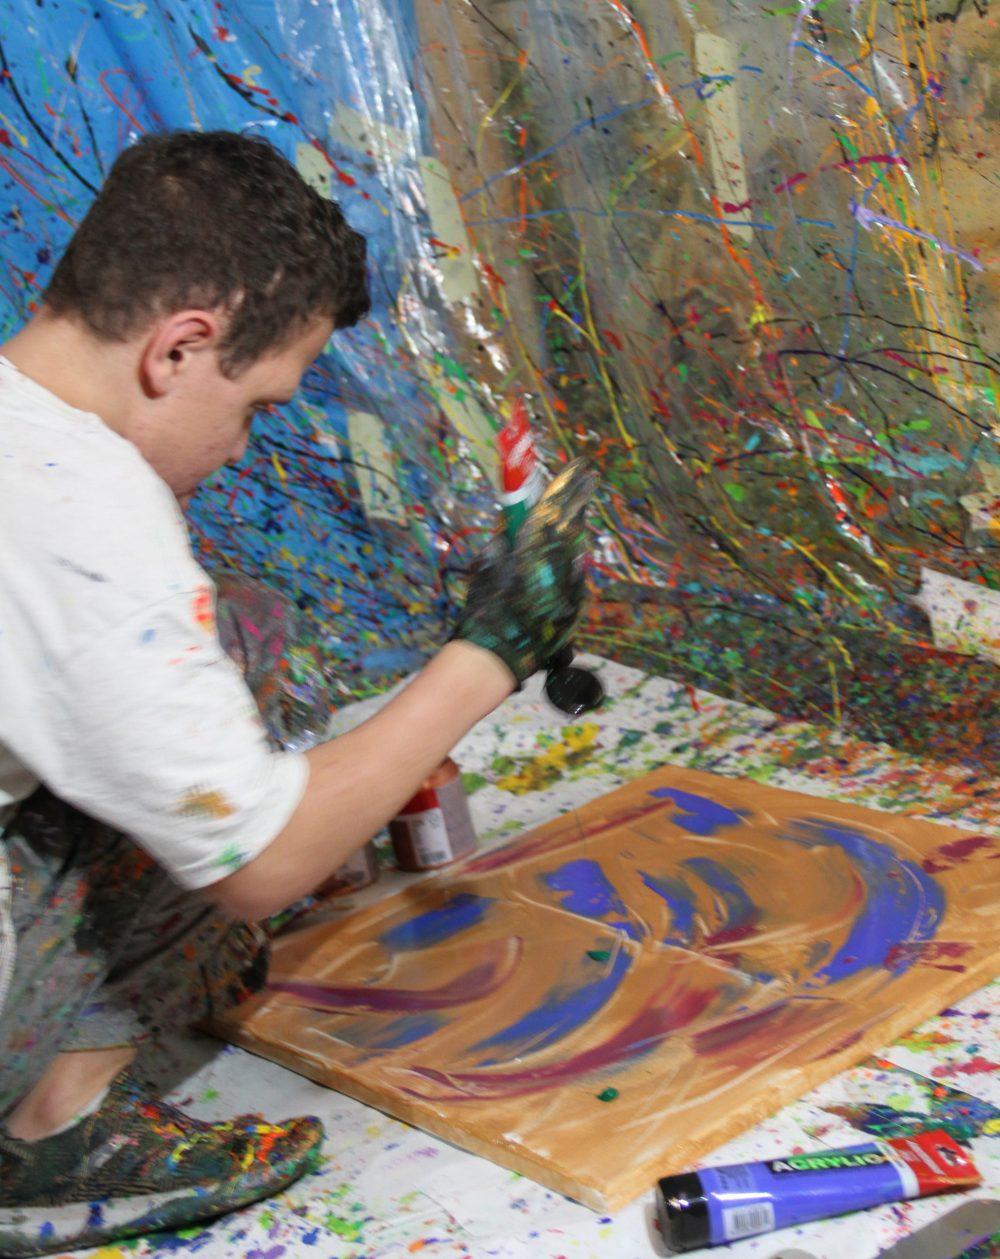 Jugendlicher spritzt Farben auf die am Boden liegende Leinwand